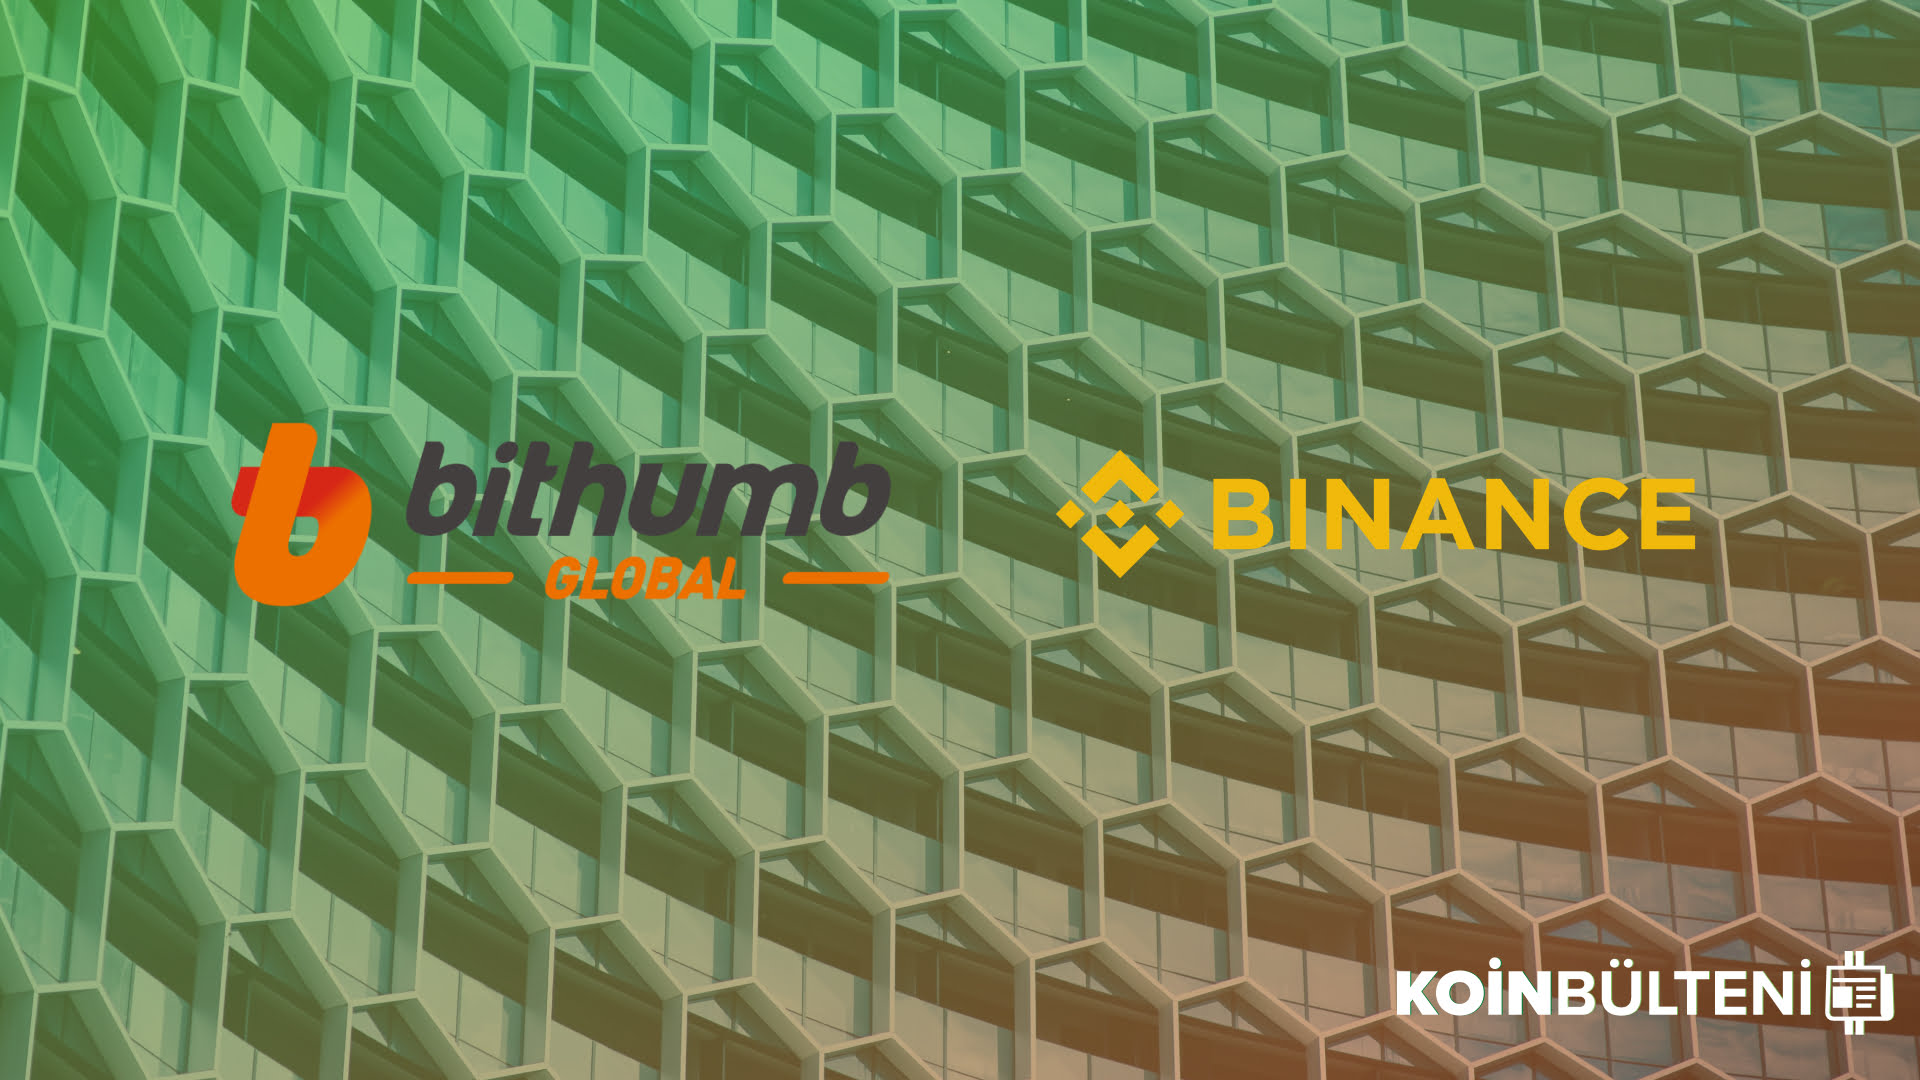 Bithumb-Binance-Smart-Chain